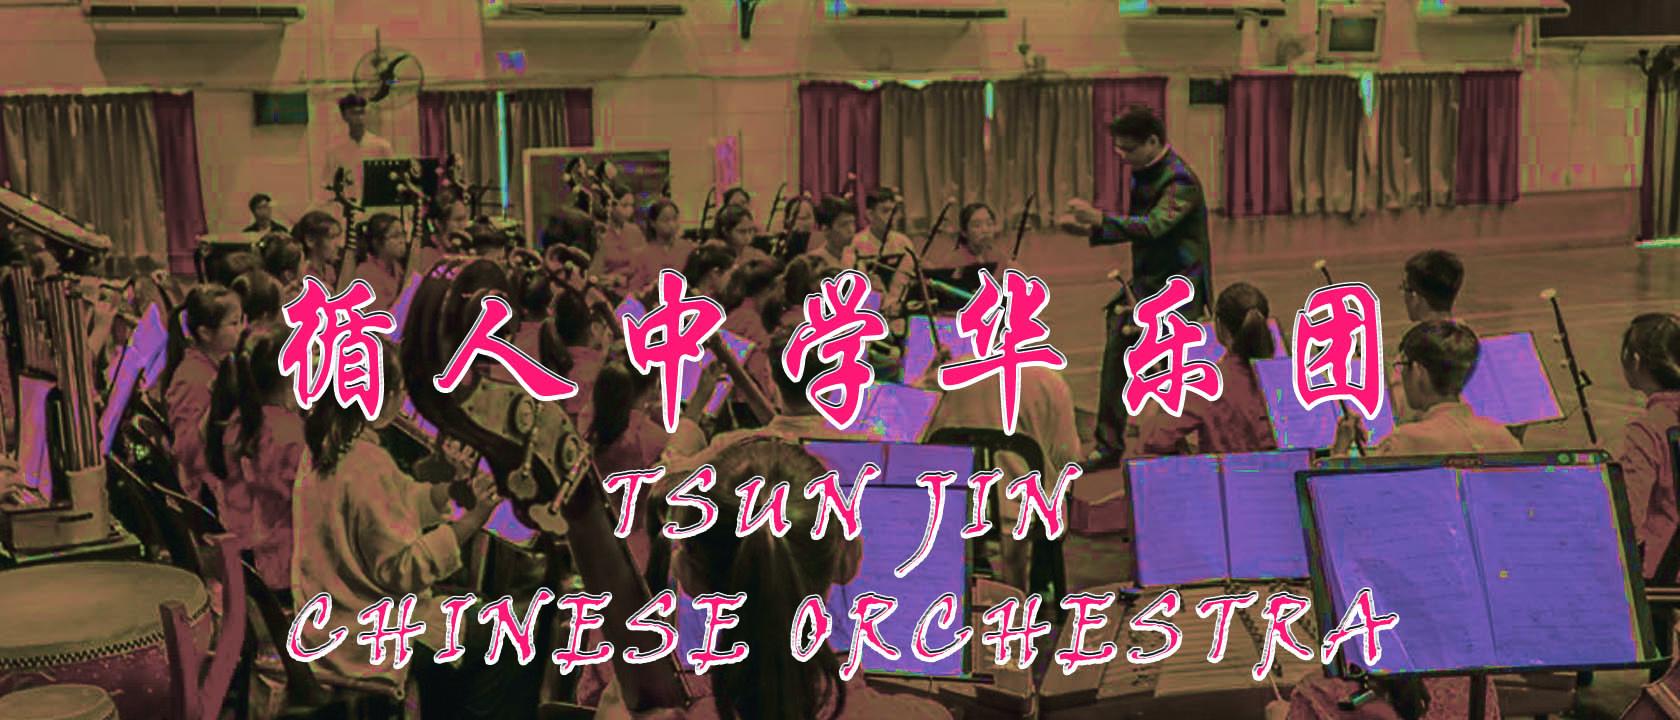 TSUN JIN CHINESE ORCHESTRA